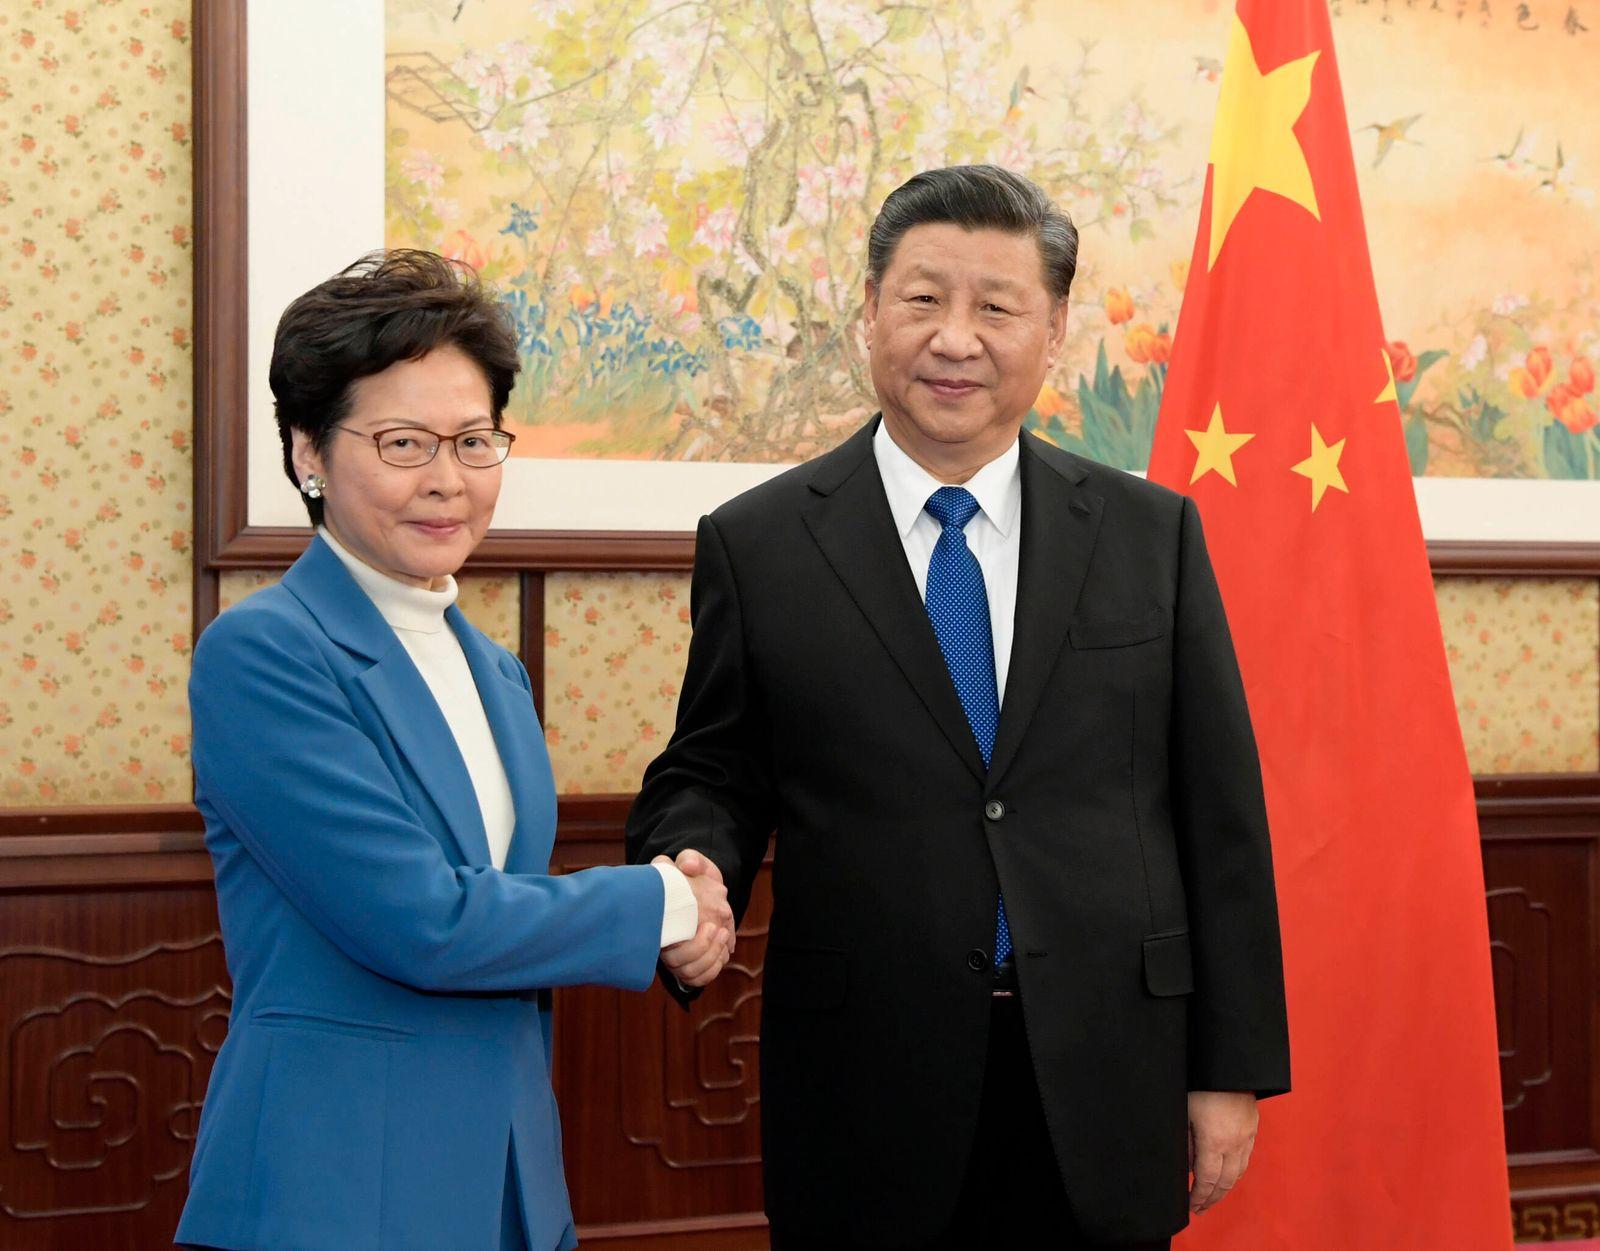 News Themen der Woche KW51 News Bilder des Tages (191216) -- BEIJING, Dec. 16, 2019 -- Chinese President Xi Jinping mee